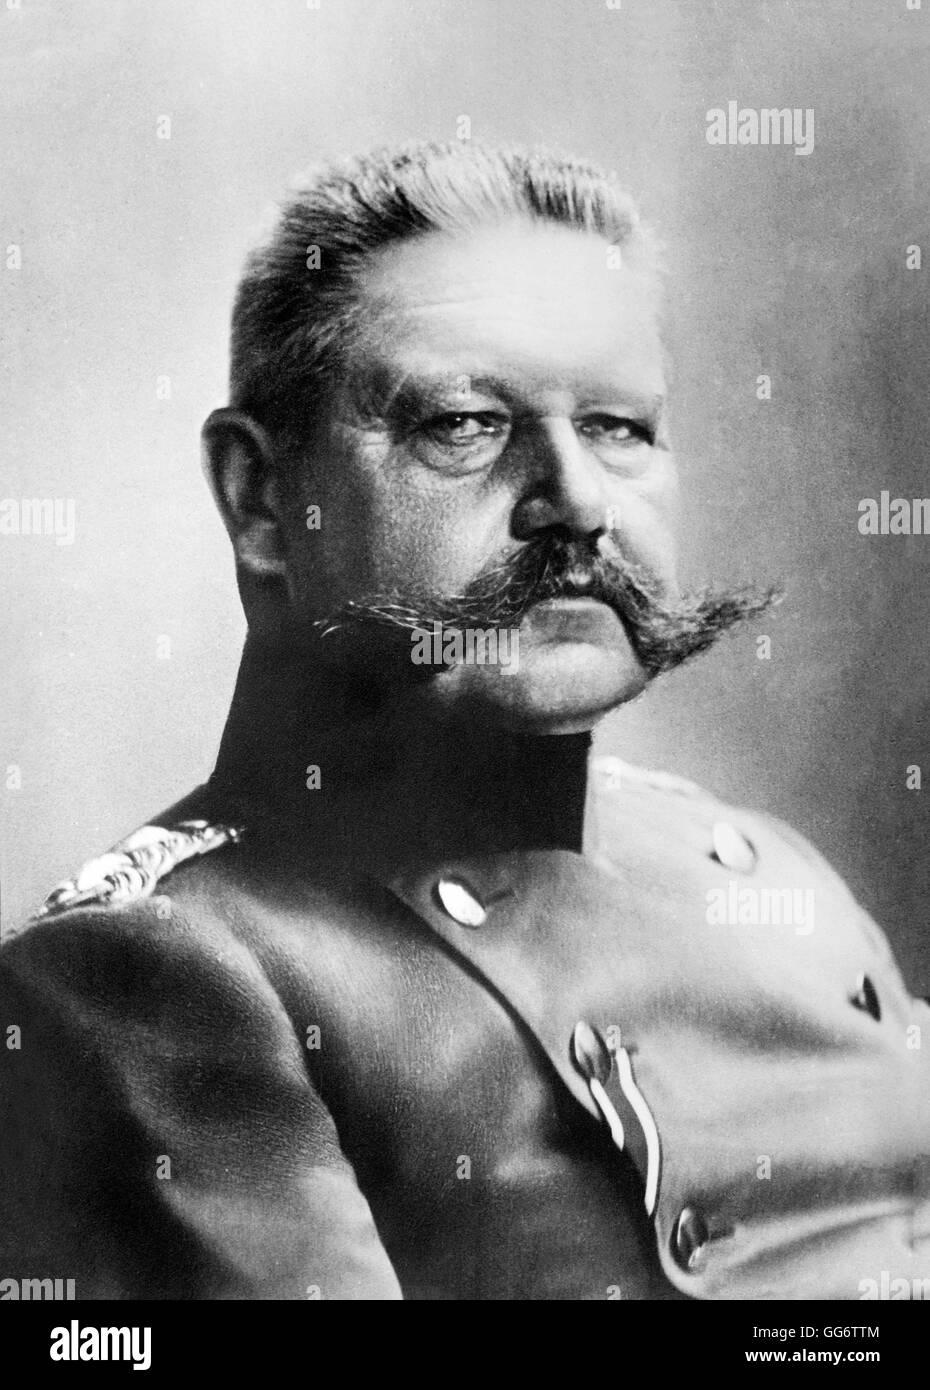 general paul von hindenburg essay Paul ludwig hans anton von beneckendorff und von hindenburg ( listen ), known universally as paul von hindenburg (german: [ˈpaʊl fɔn ˈhɪndn̩bʊɐ̯k] ( ) 2 oct.